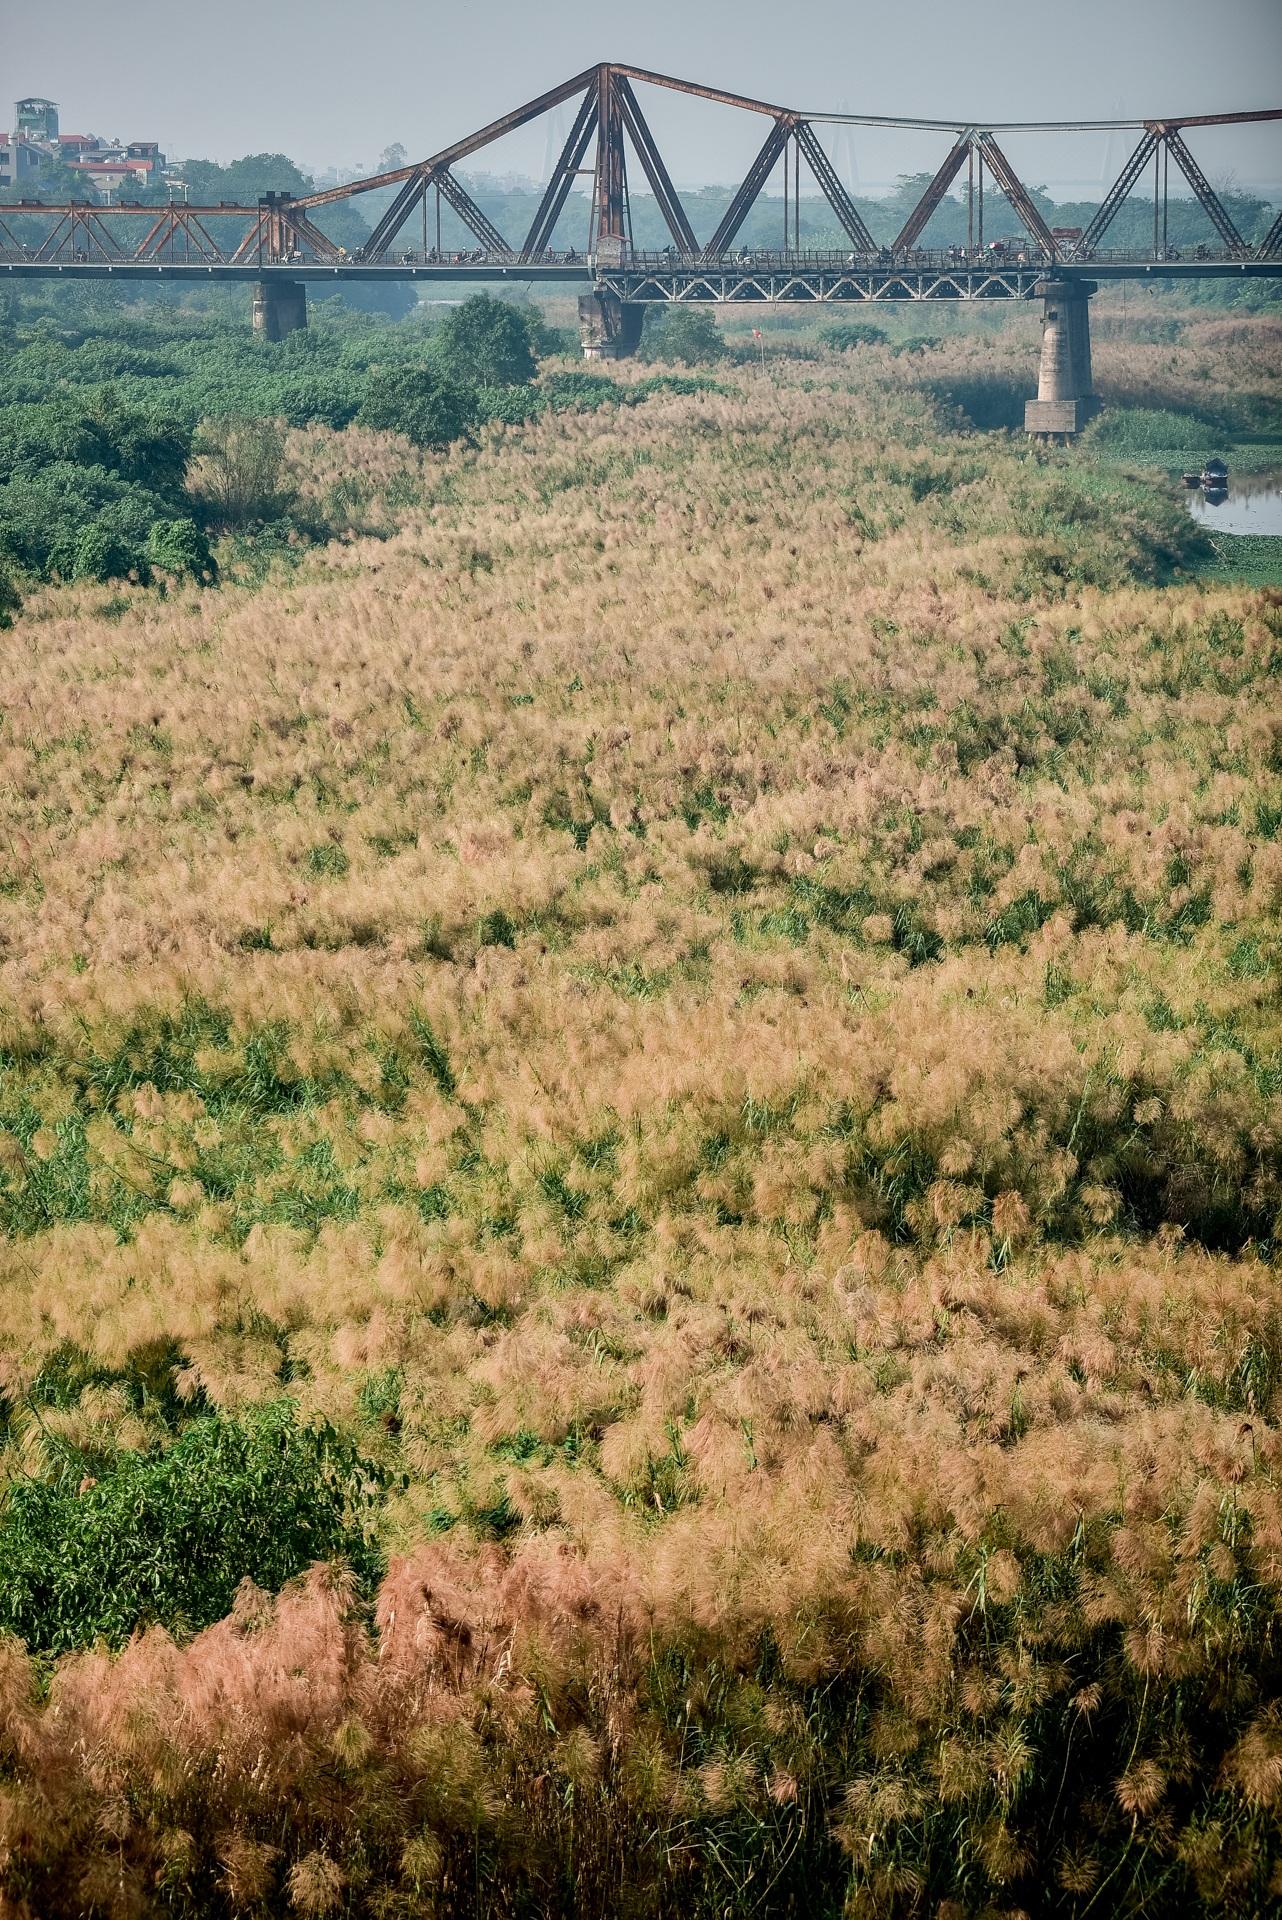 Lạc vào cánh đồng cỏ lau đẹp như xứ sở thần tiên dưới chân cầu Long Biên - 8